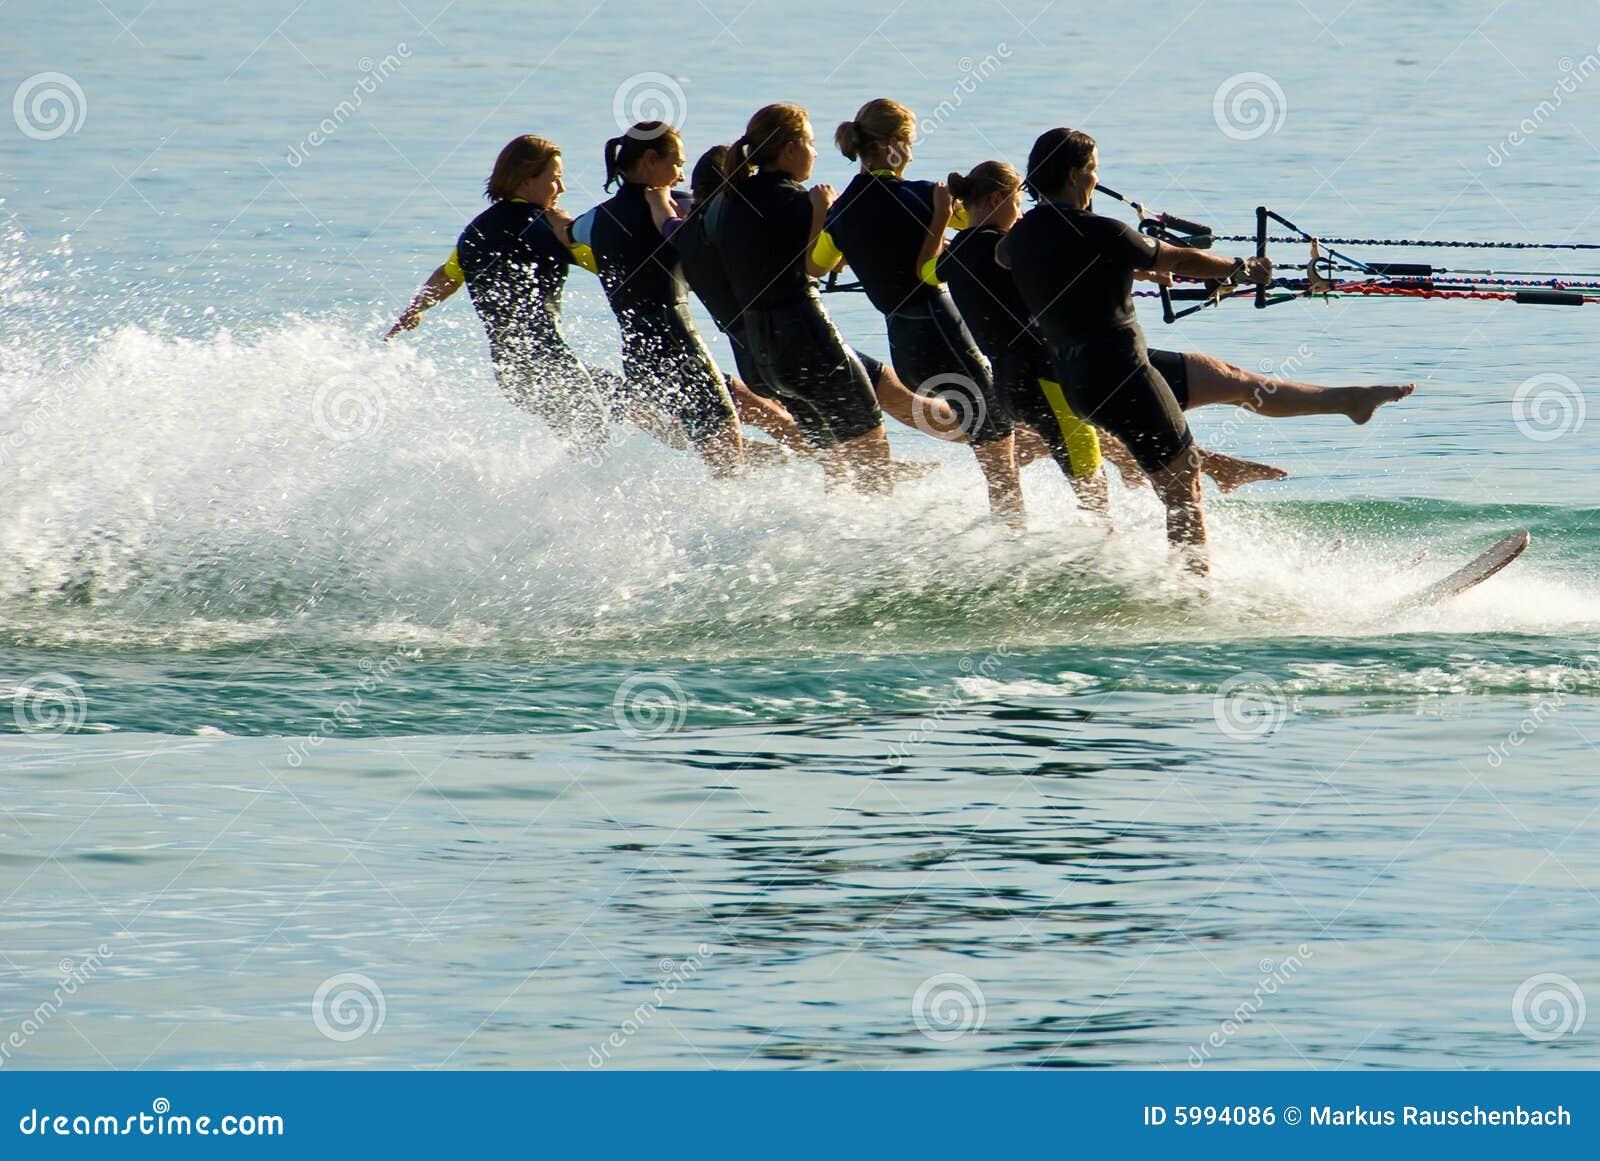 Water ski ballet